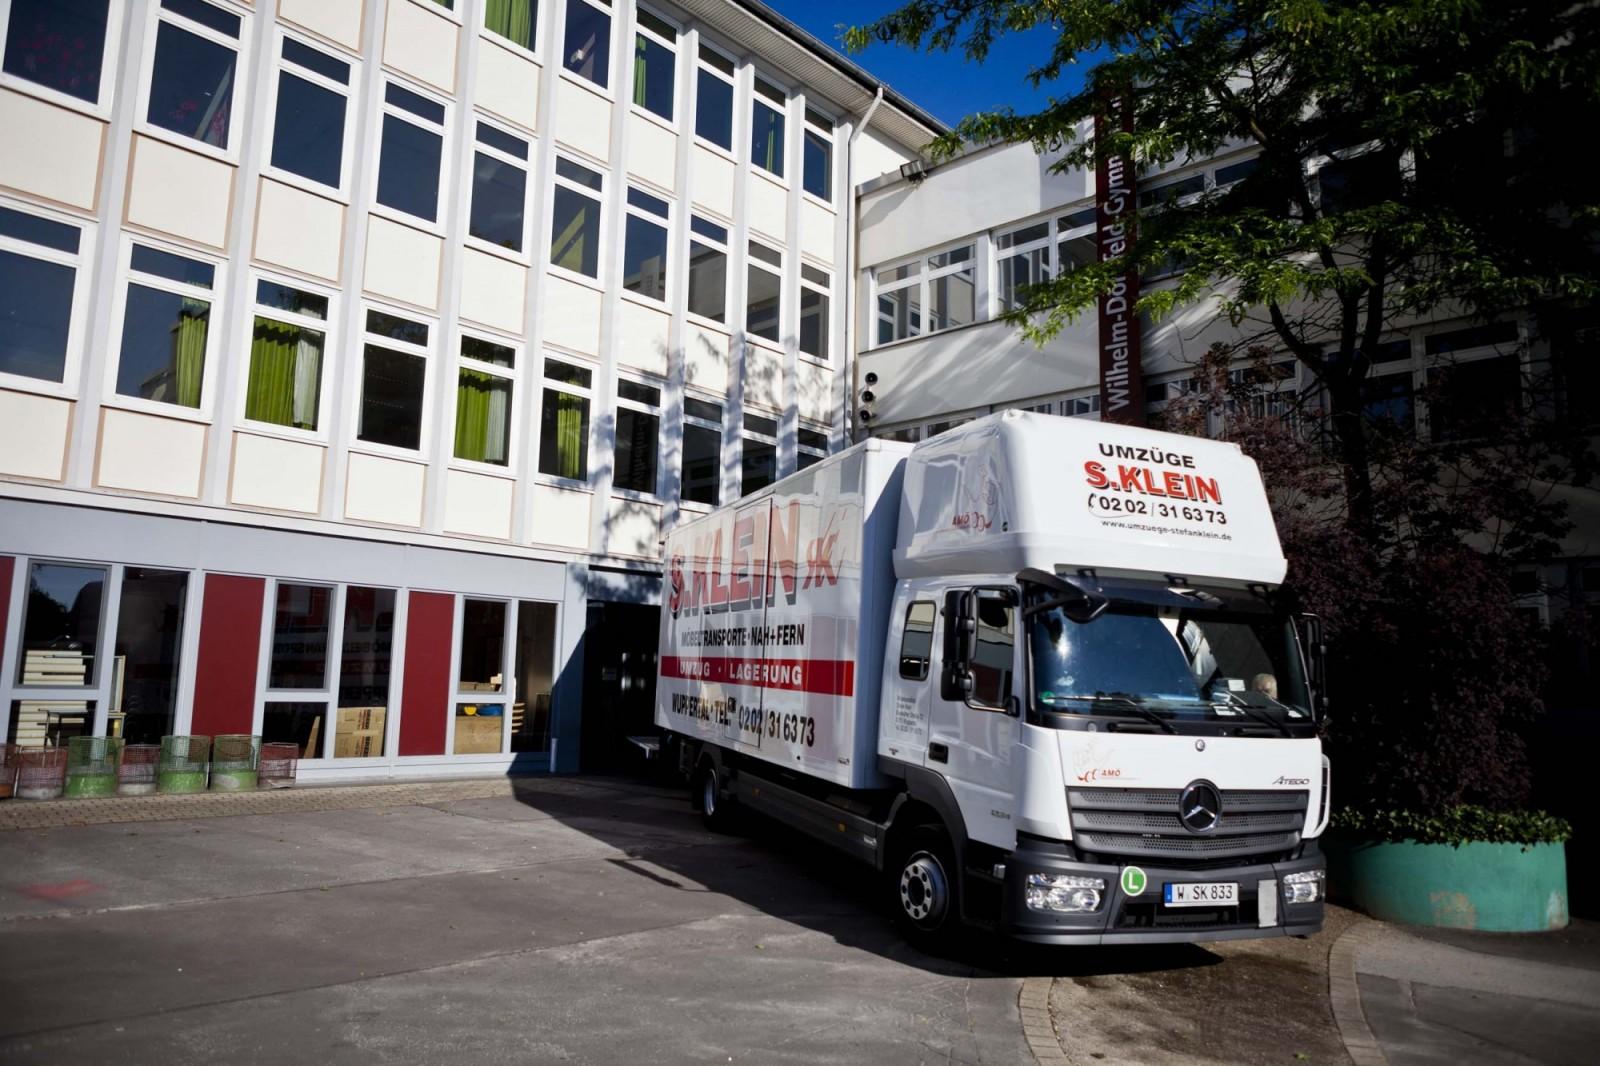 Umzugs-LKW der Umzüge S. Klein GmbH & Co. KG bei einem Objektumzug in Wuppertal